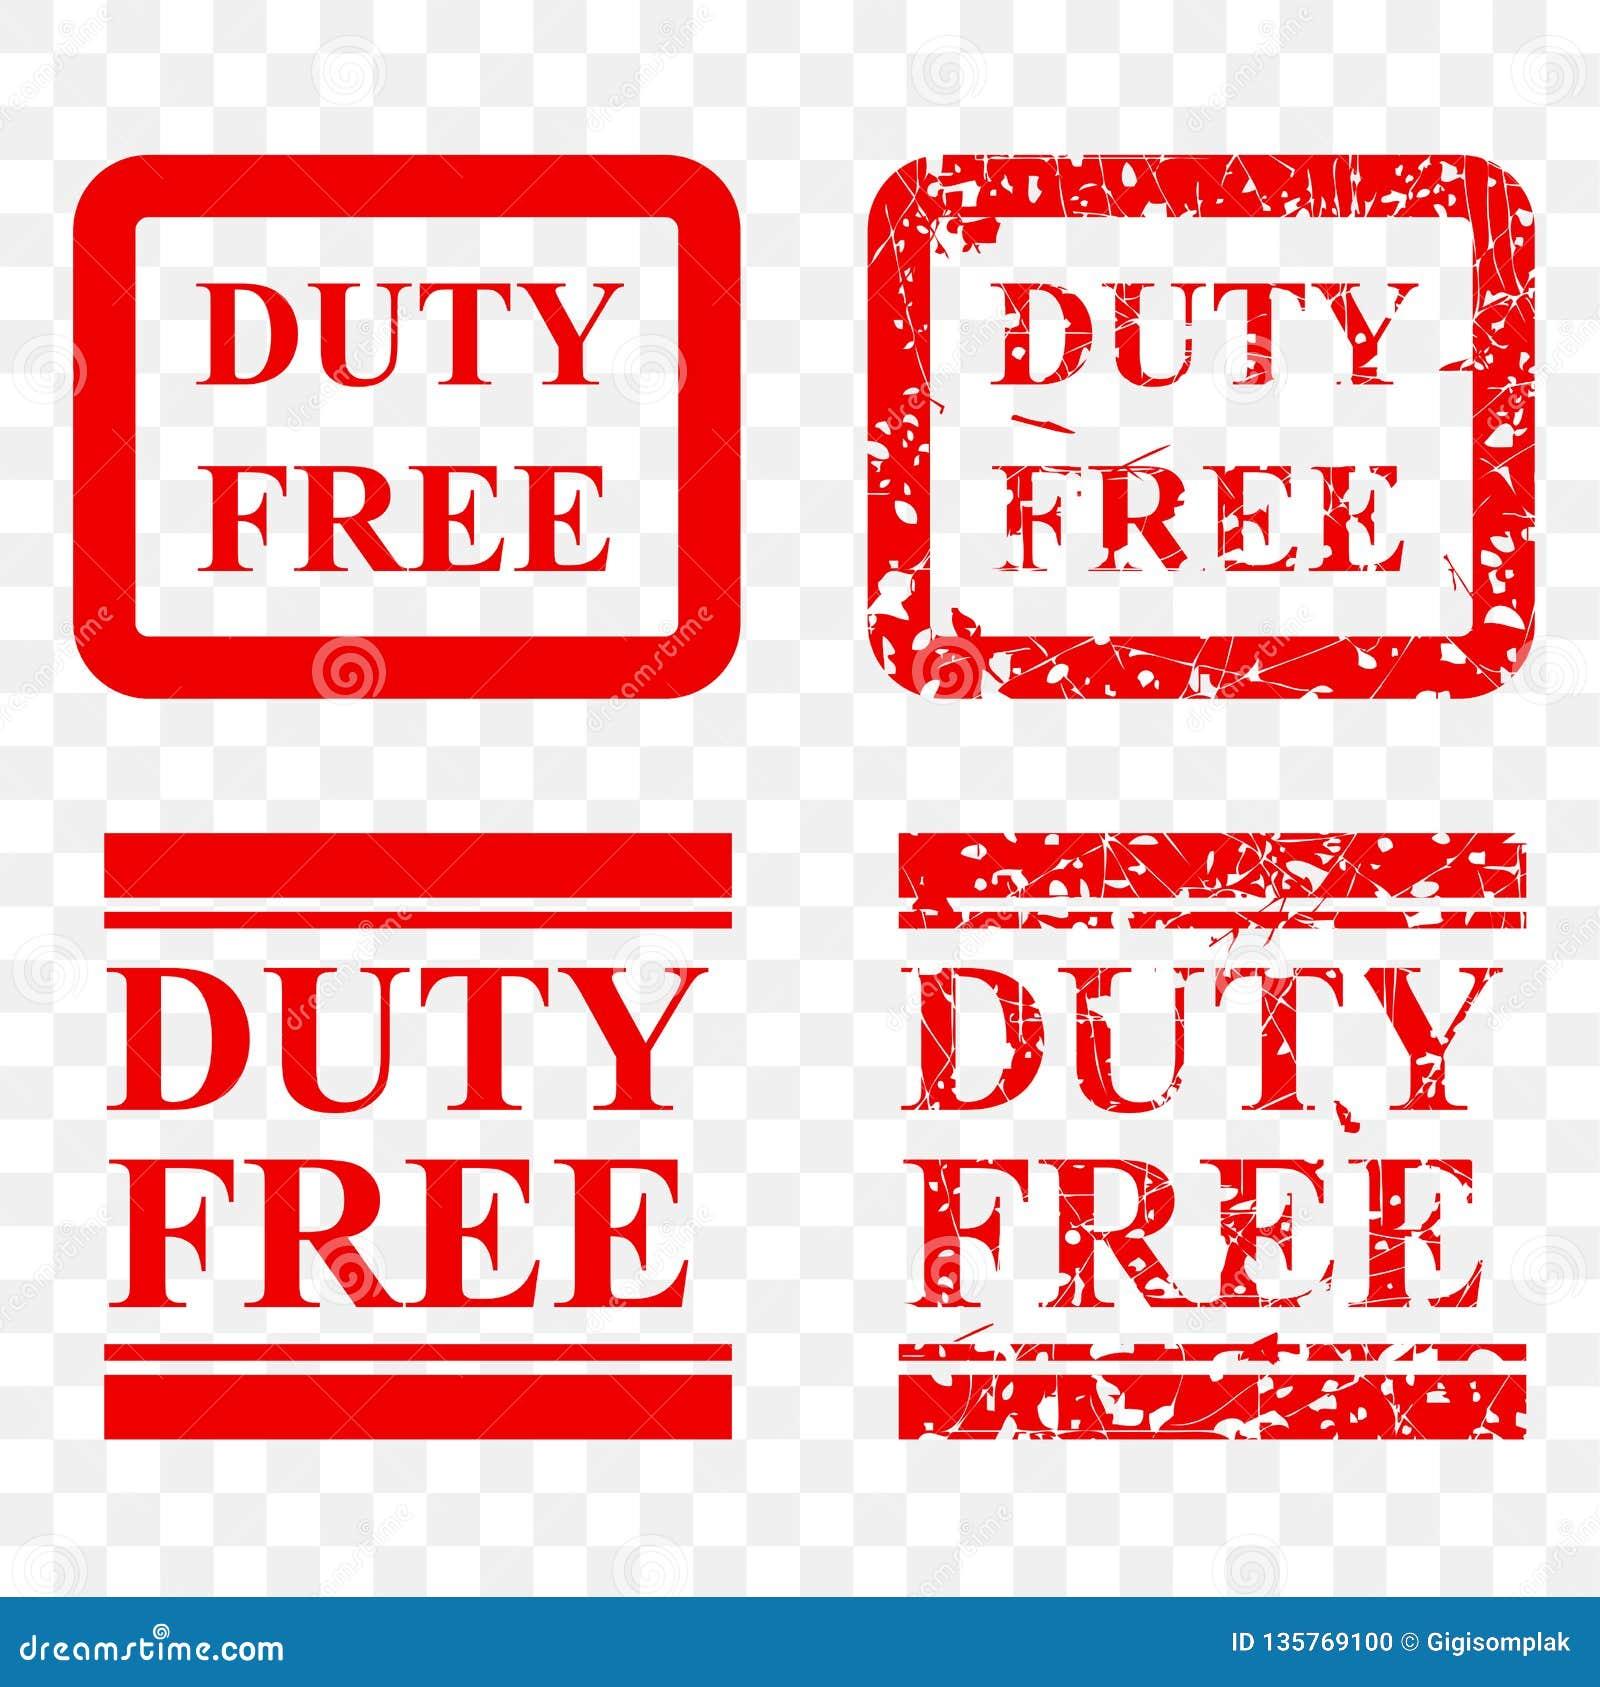 四个样式不加考虑表赞同的人作用,免税,在透明作用背景